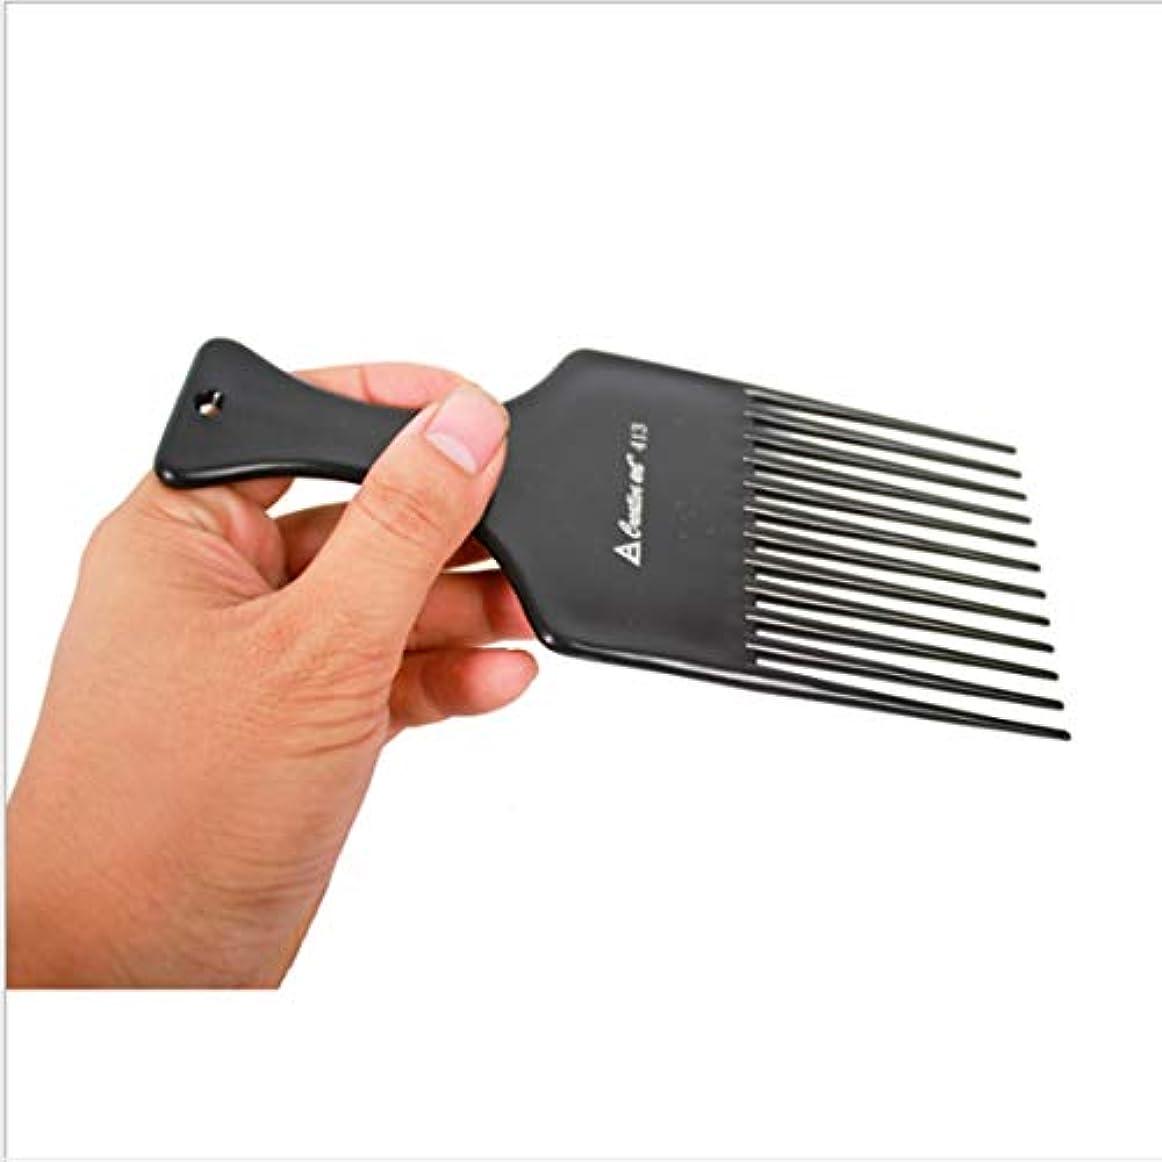 モール晩餐引用Guomao 理髪師のフォーク-7inchの長さのための滑らかな毛の調整の熊手の櫛 (色 : 黒)